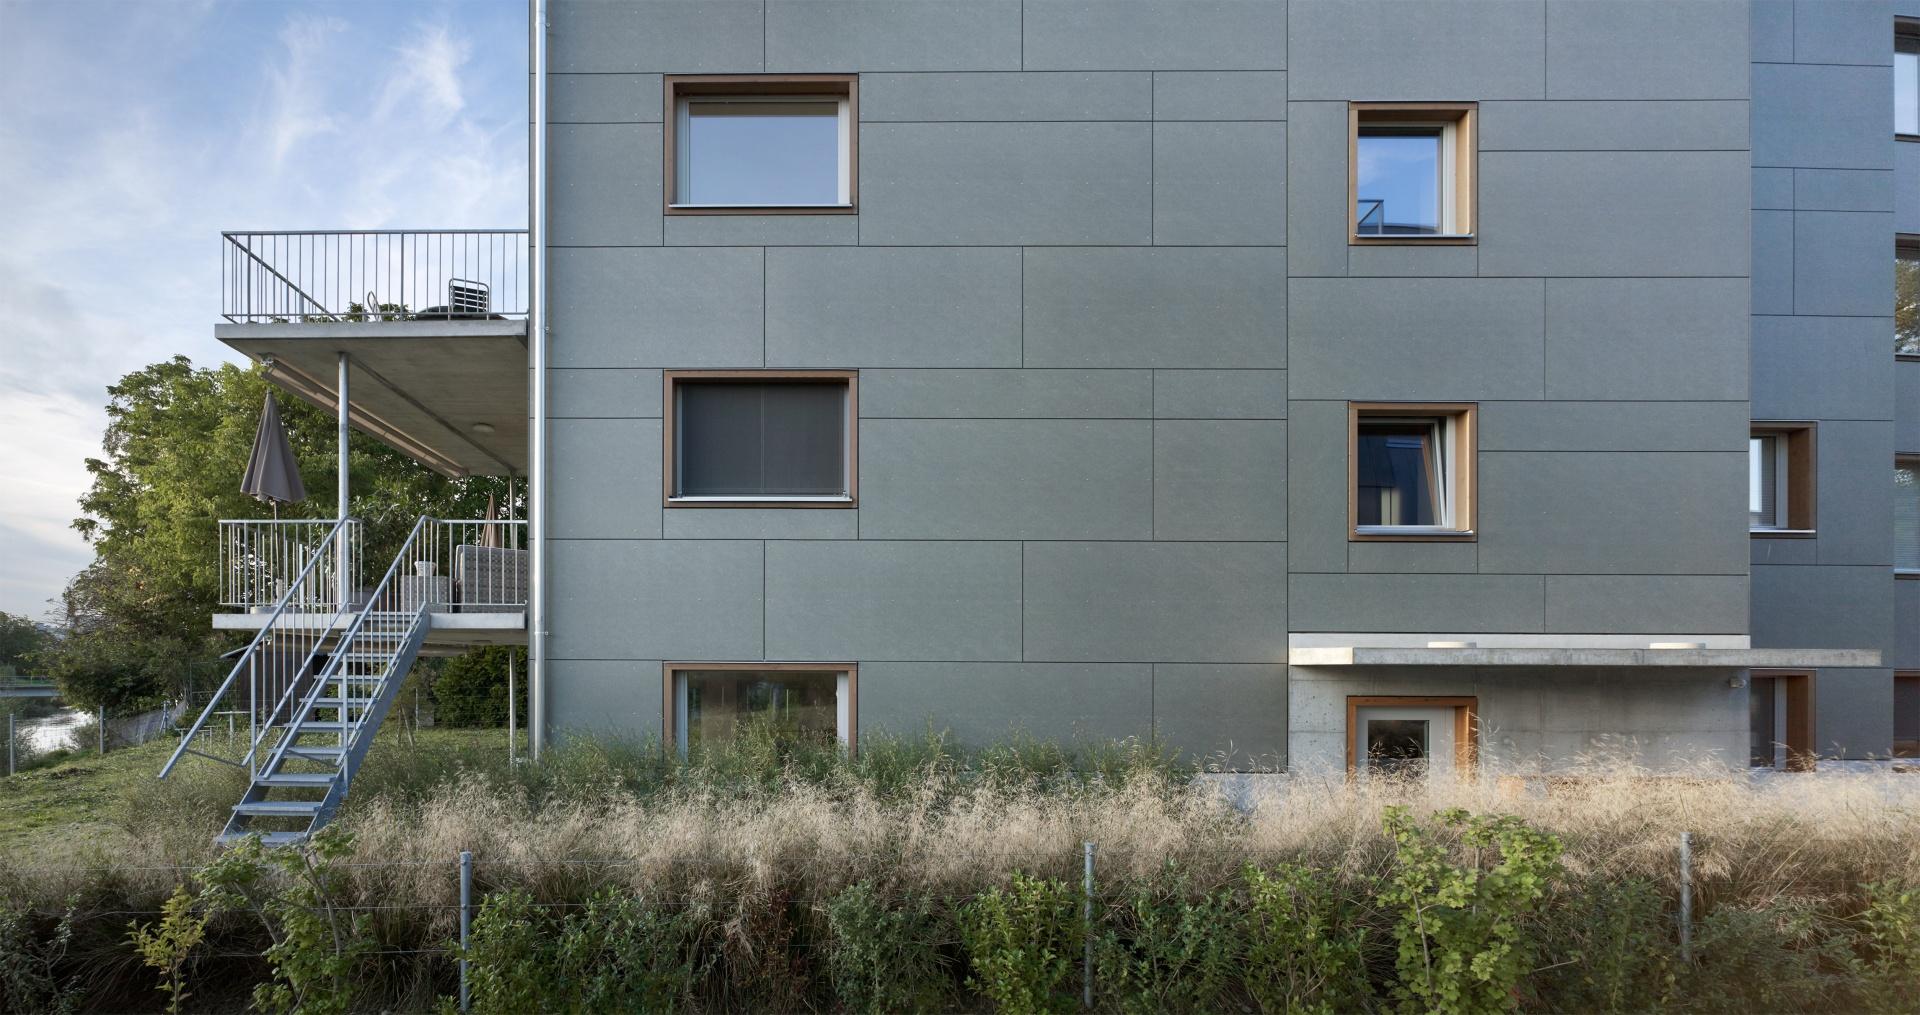 Südfassade Ausschnitt © Ruedi Walti Fotografie, Kannenfeldstr. 22, ch-4056 Basel